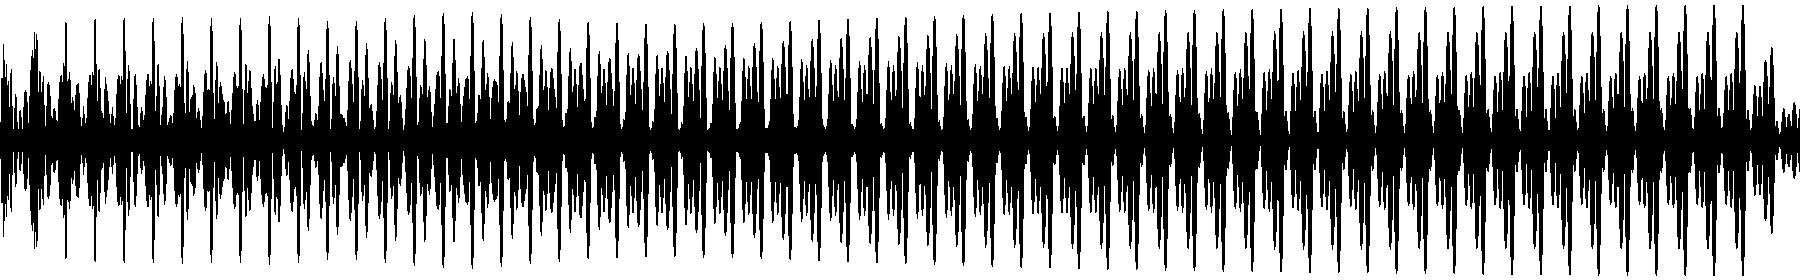 vedh bass cut 022 f